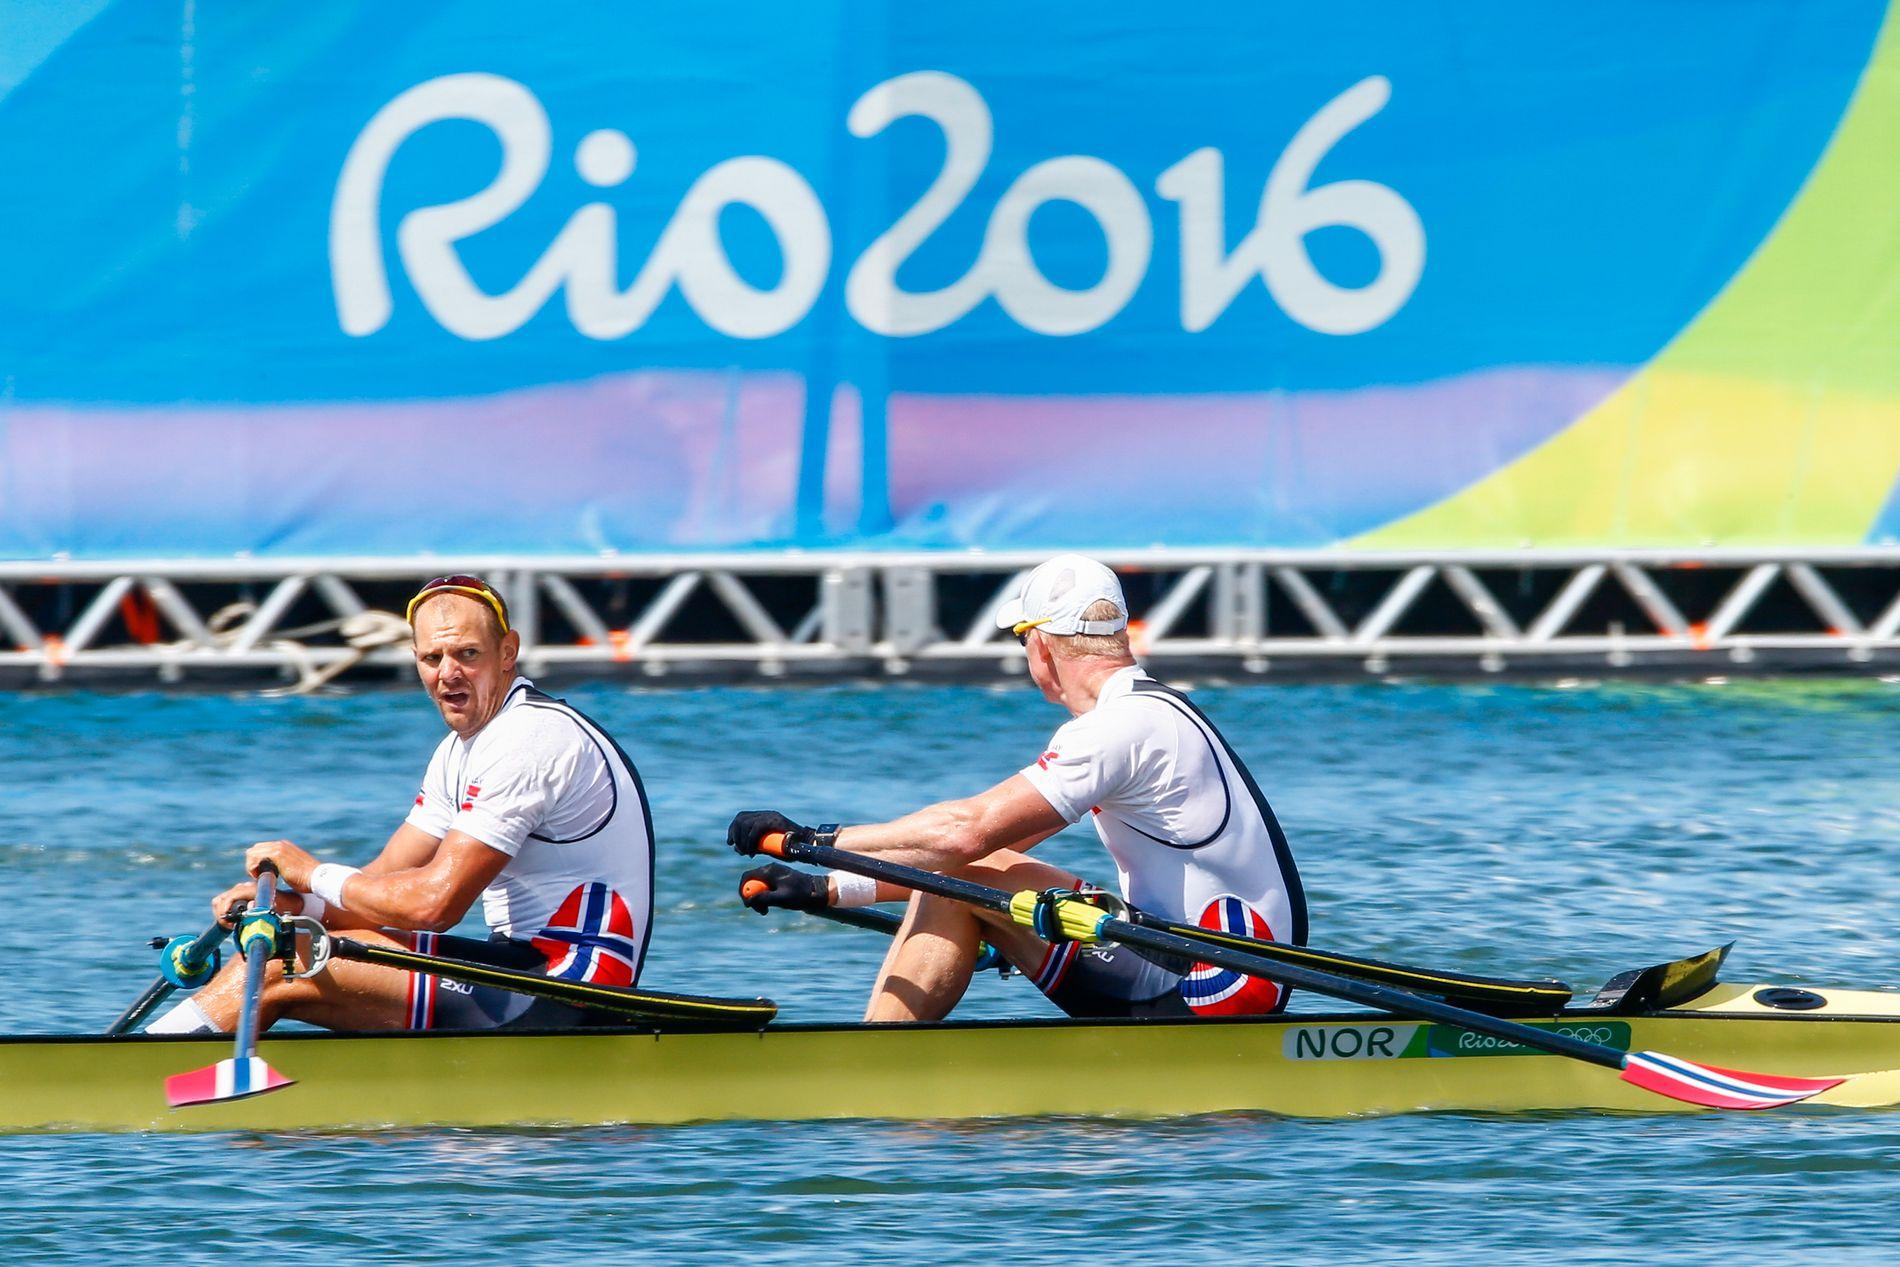 OL-bronse sammen med makker Kjetil Borch i Brasil i 2016. Tufte har tilsammen fire OL-medaljer.